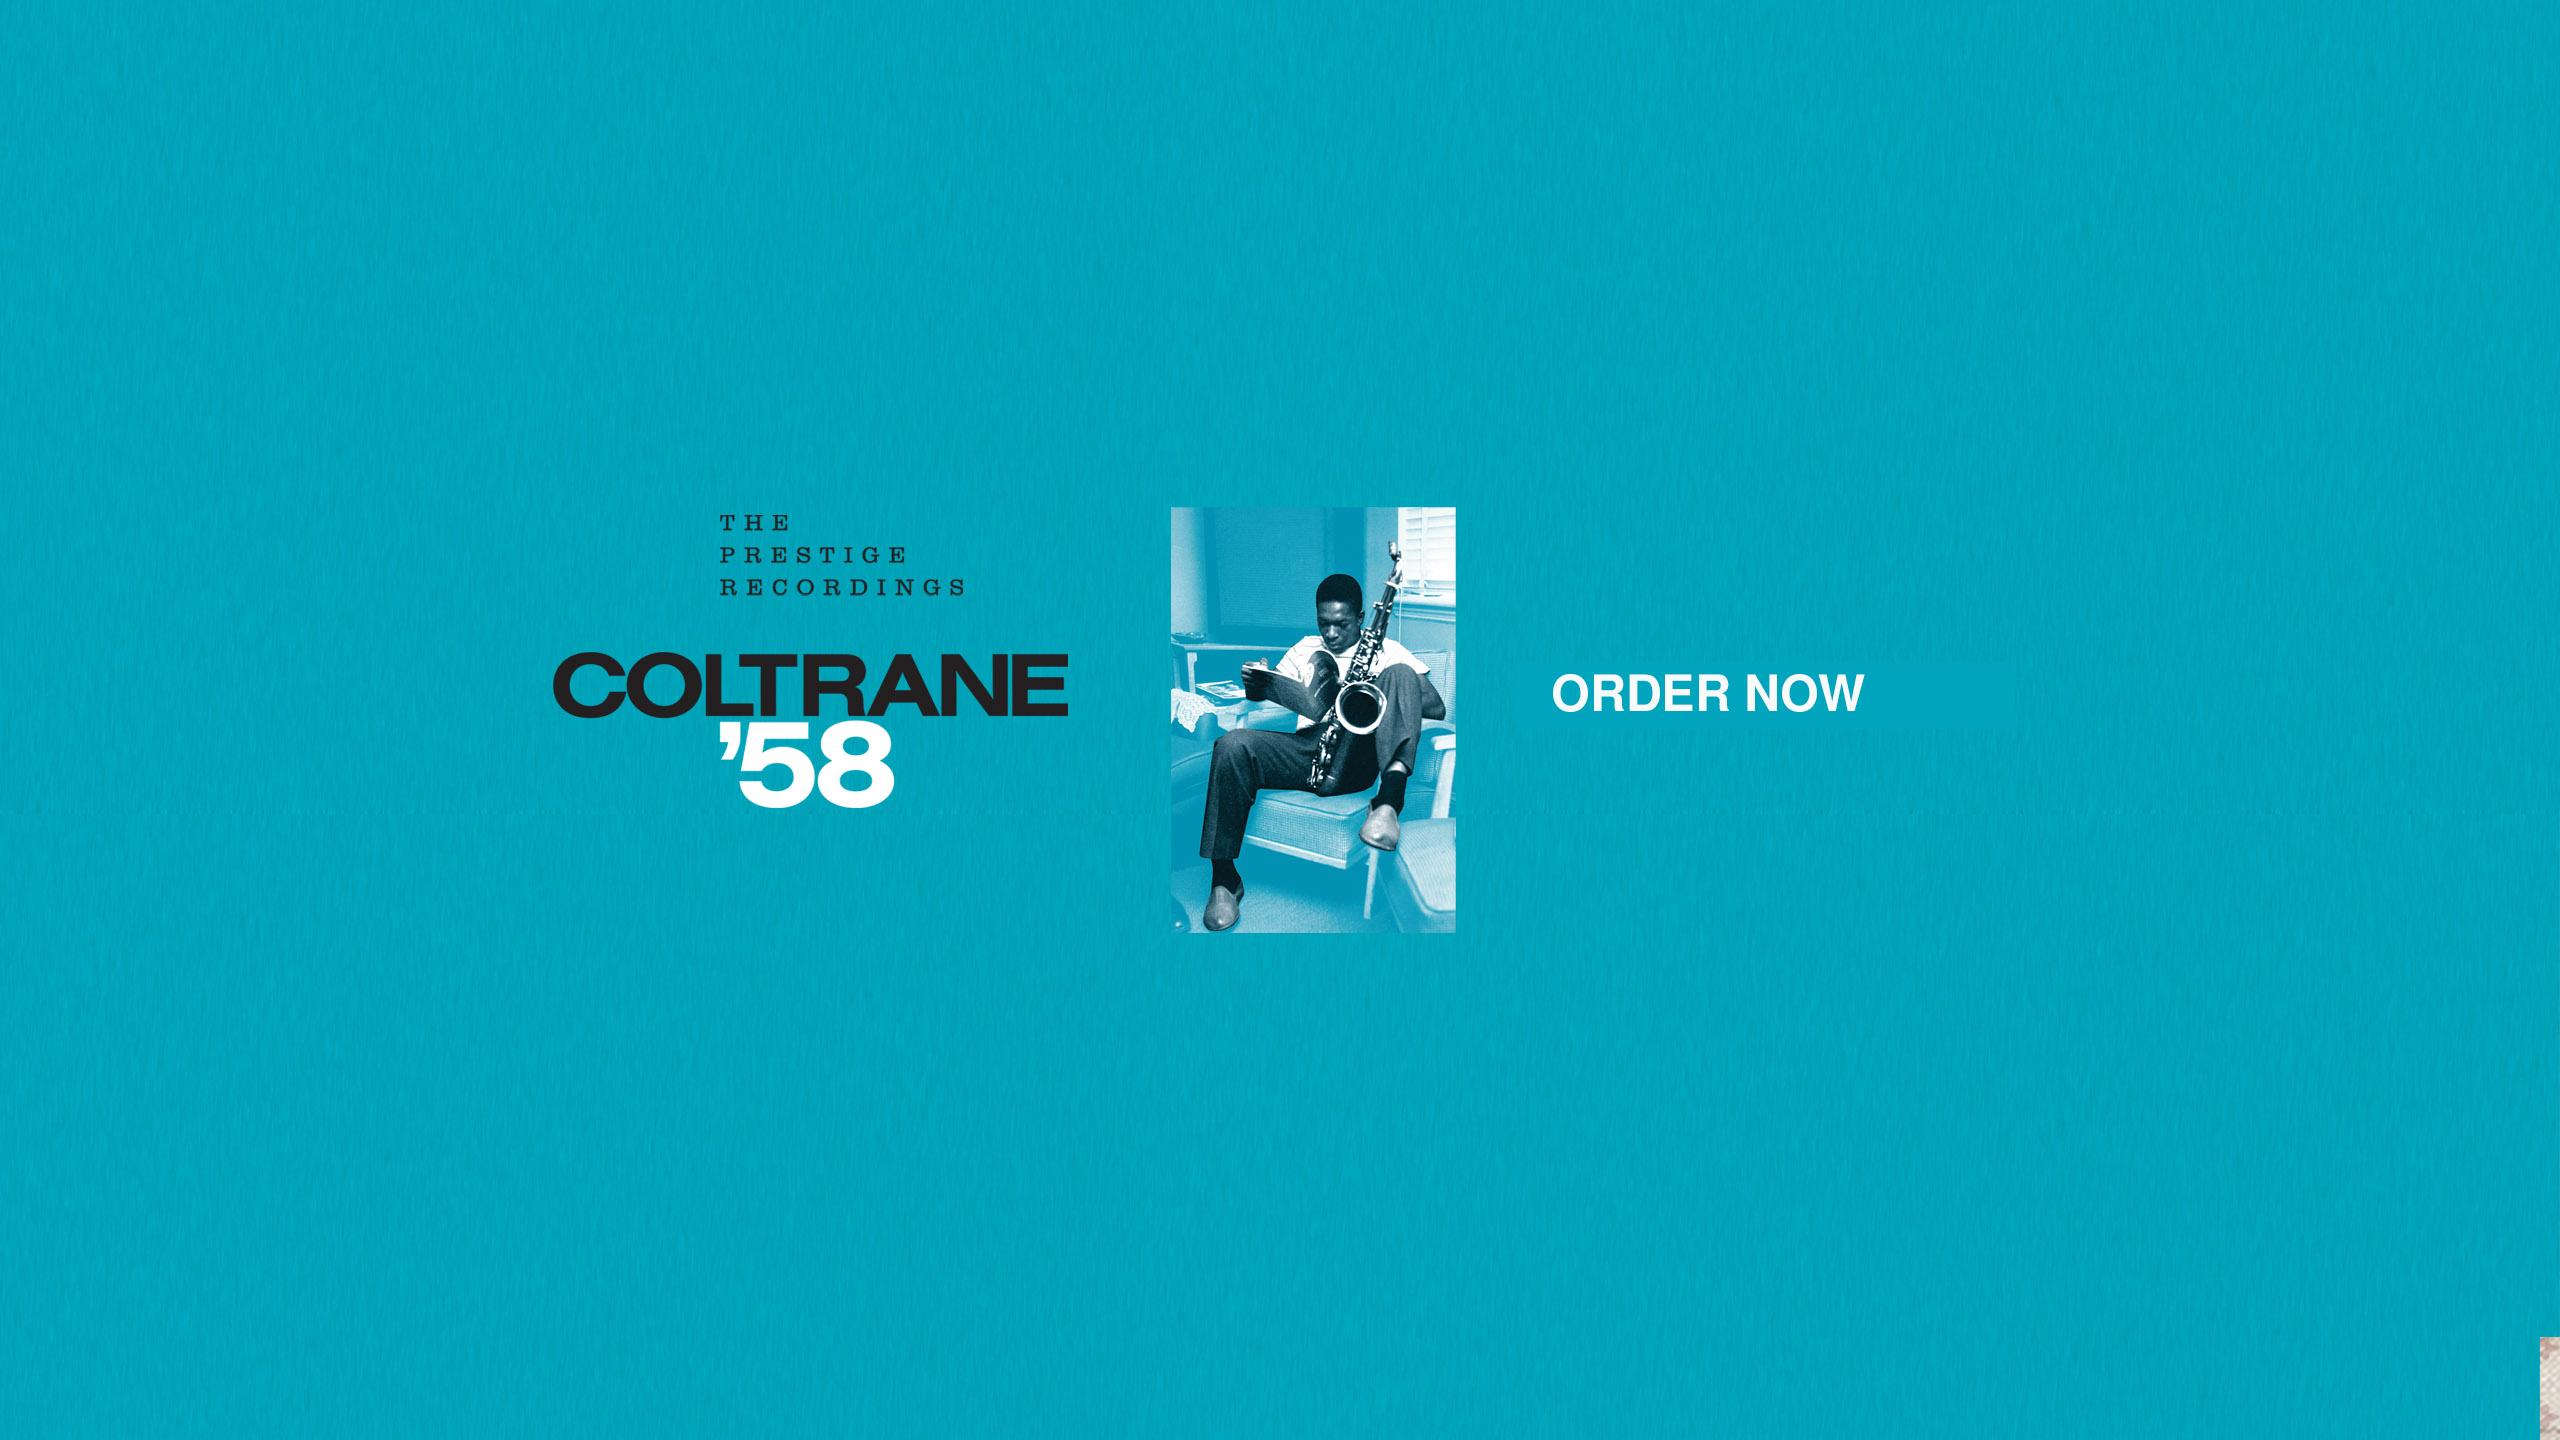 Coltrane 58 The Prestige Recordings